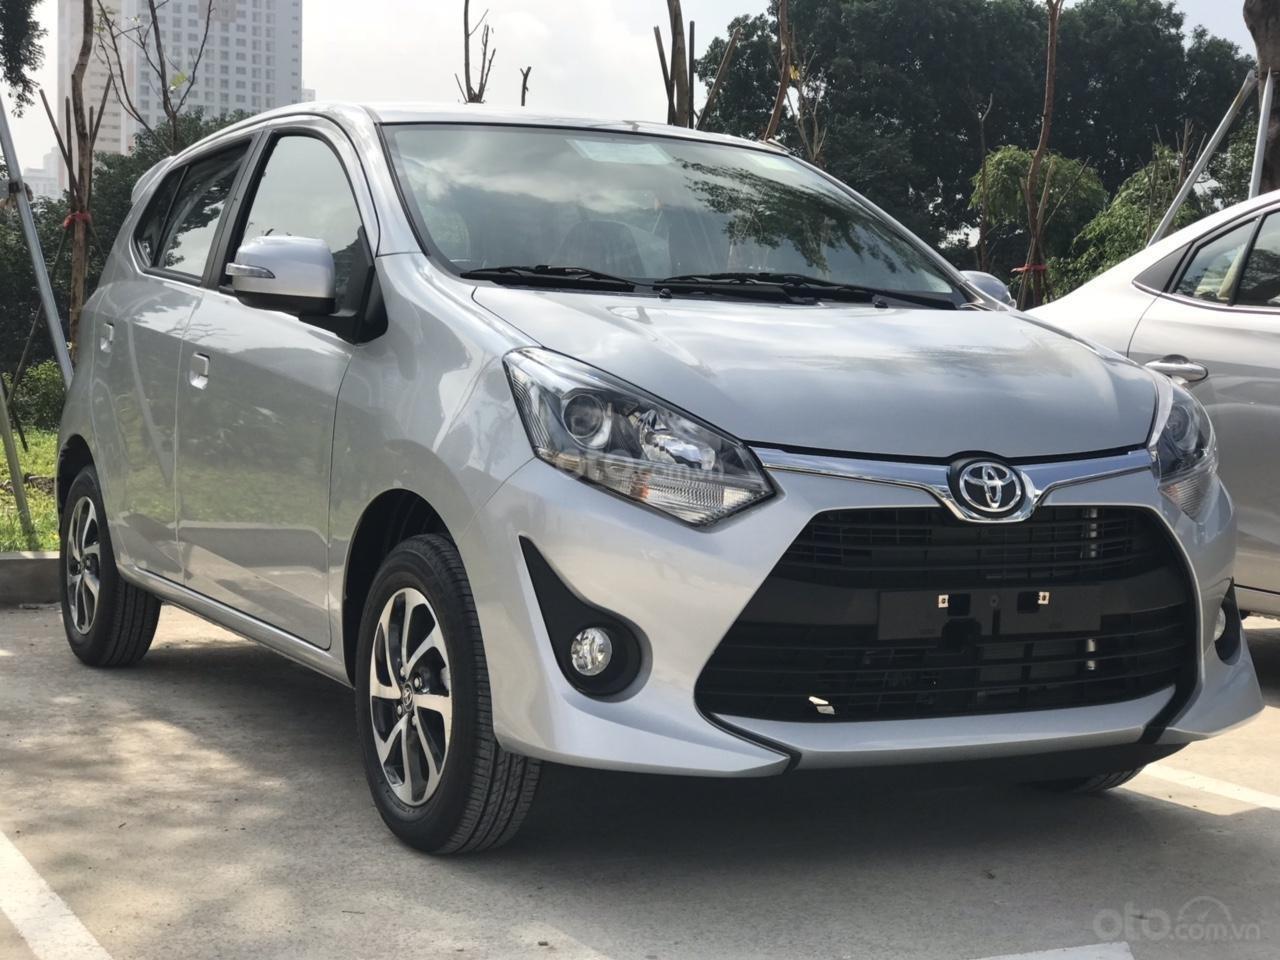 Toyota Wigo 2019 giao ngay, giá tốt, chi phí hợp lý (1)